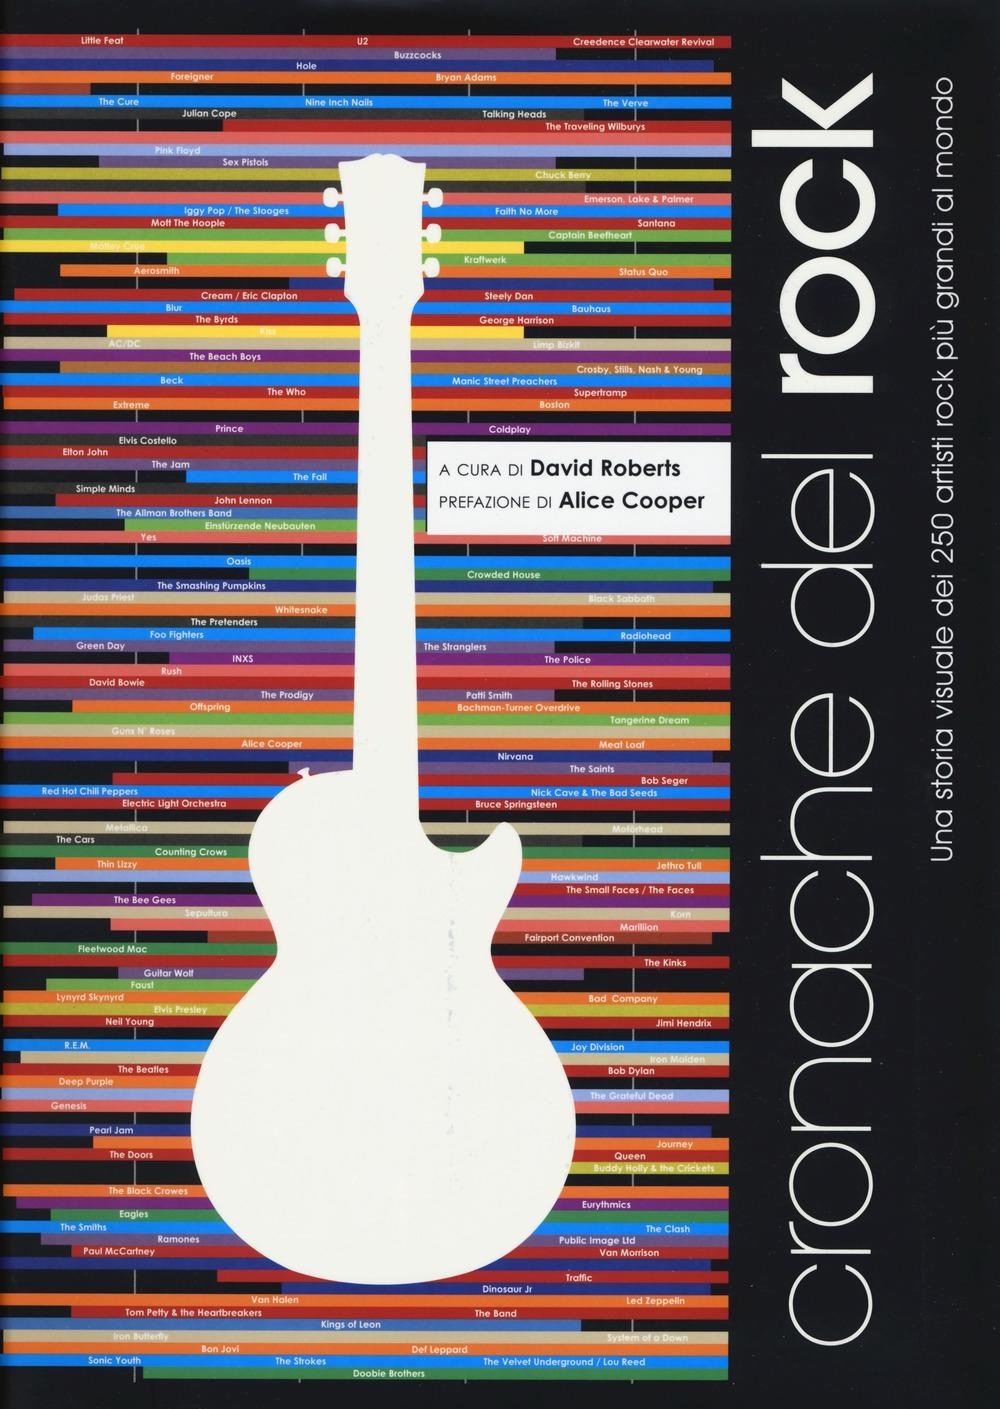 Cronache del rock. Una storia visuale dei 250 artisti rock più grandi al mondo. Ediz. illustrata